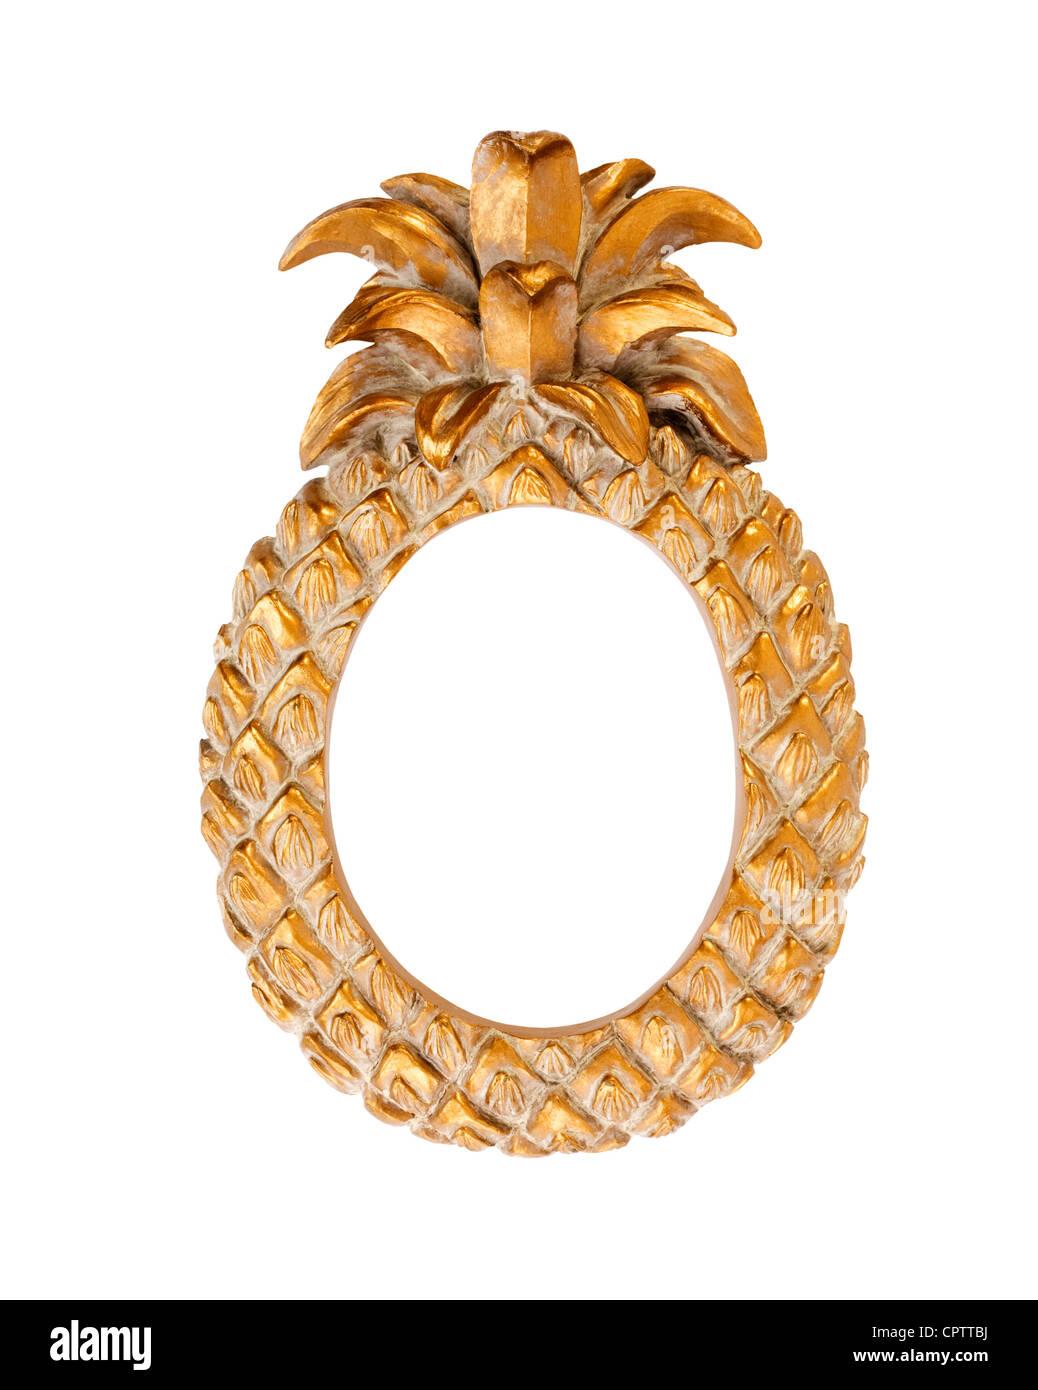 Gold farbige Bilderrahmen in Form einer Ananas. Billige Einfuhren ...